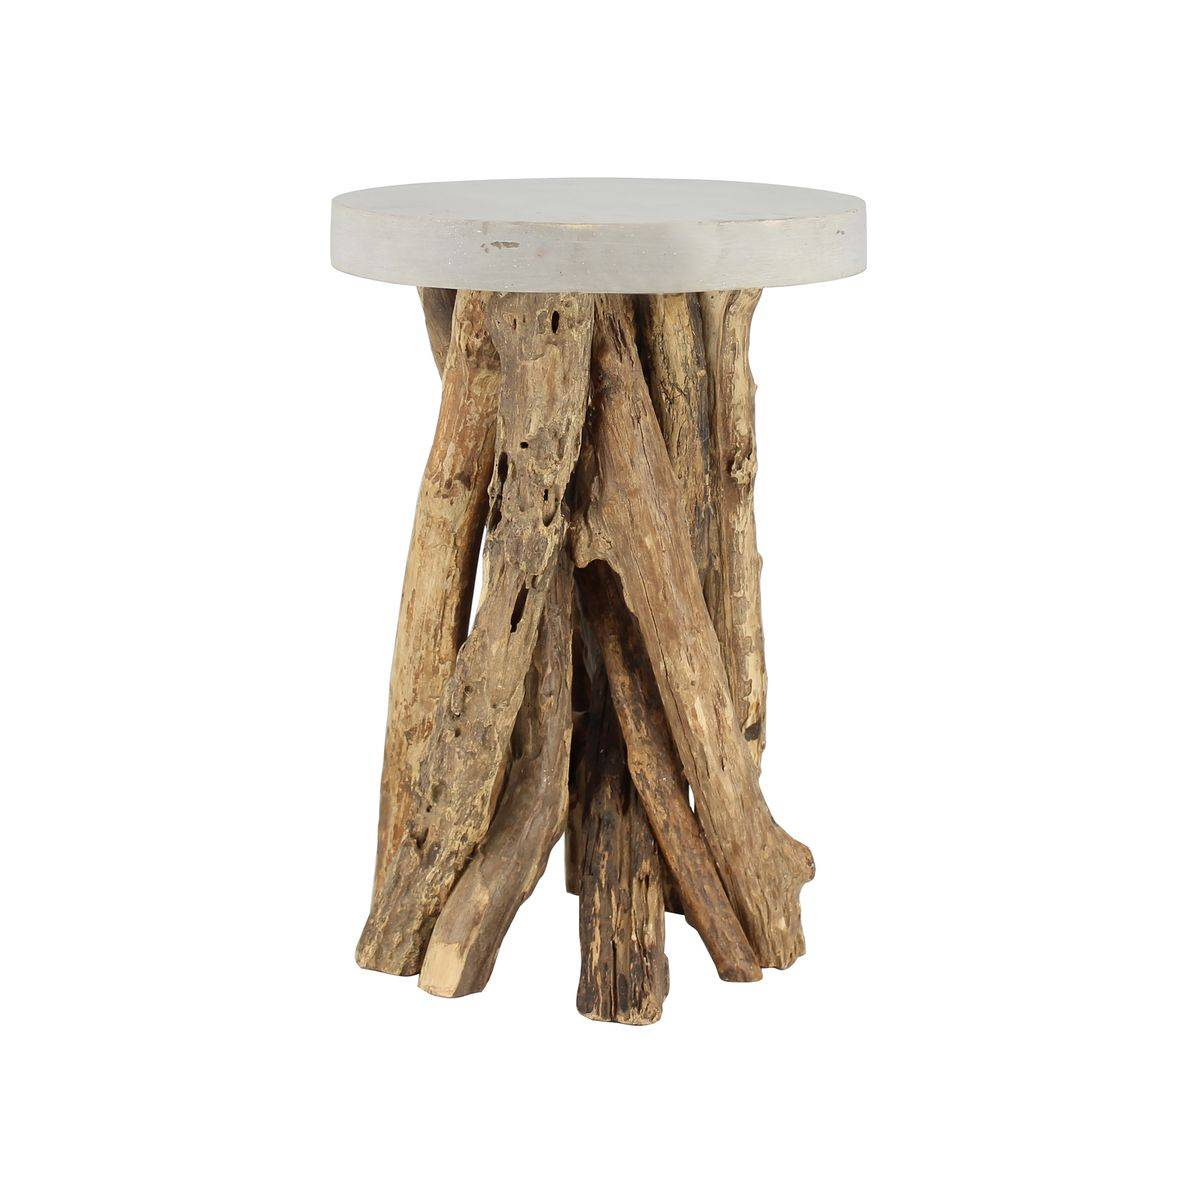 Pirouette Paris Bout de canapé plateau en béton ciré pieds en bois